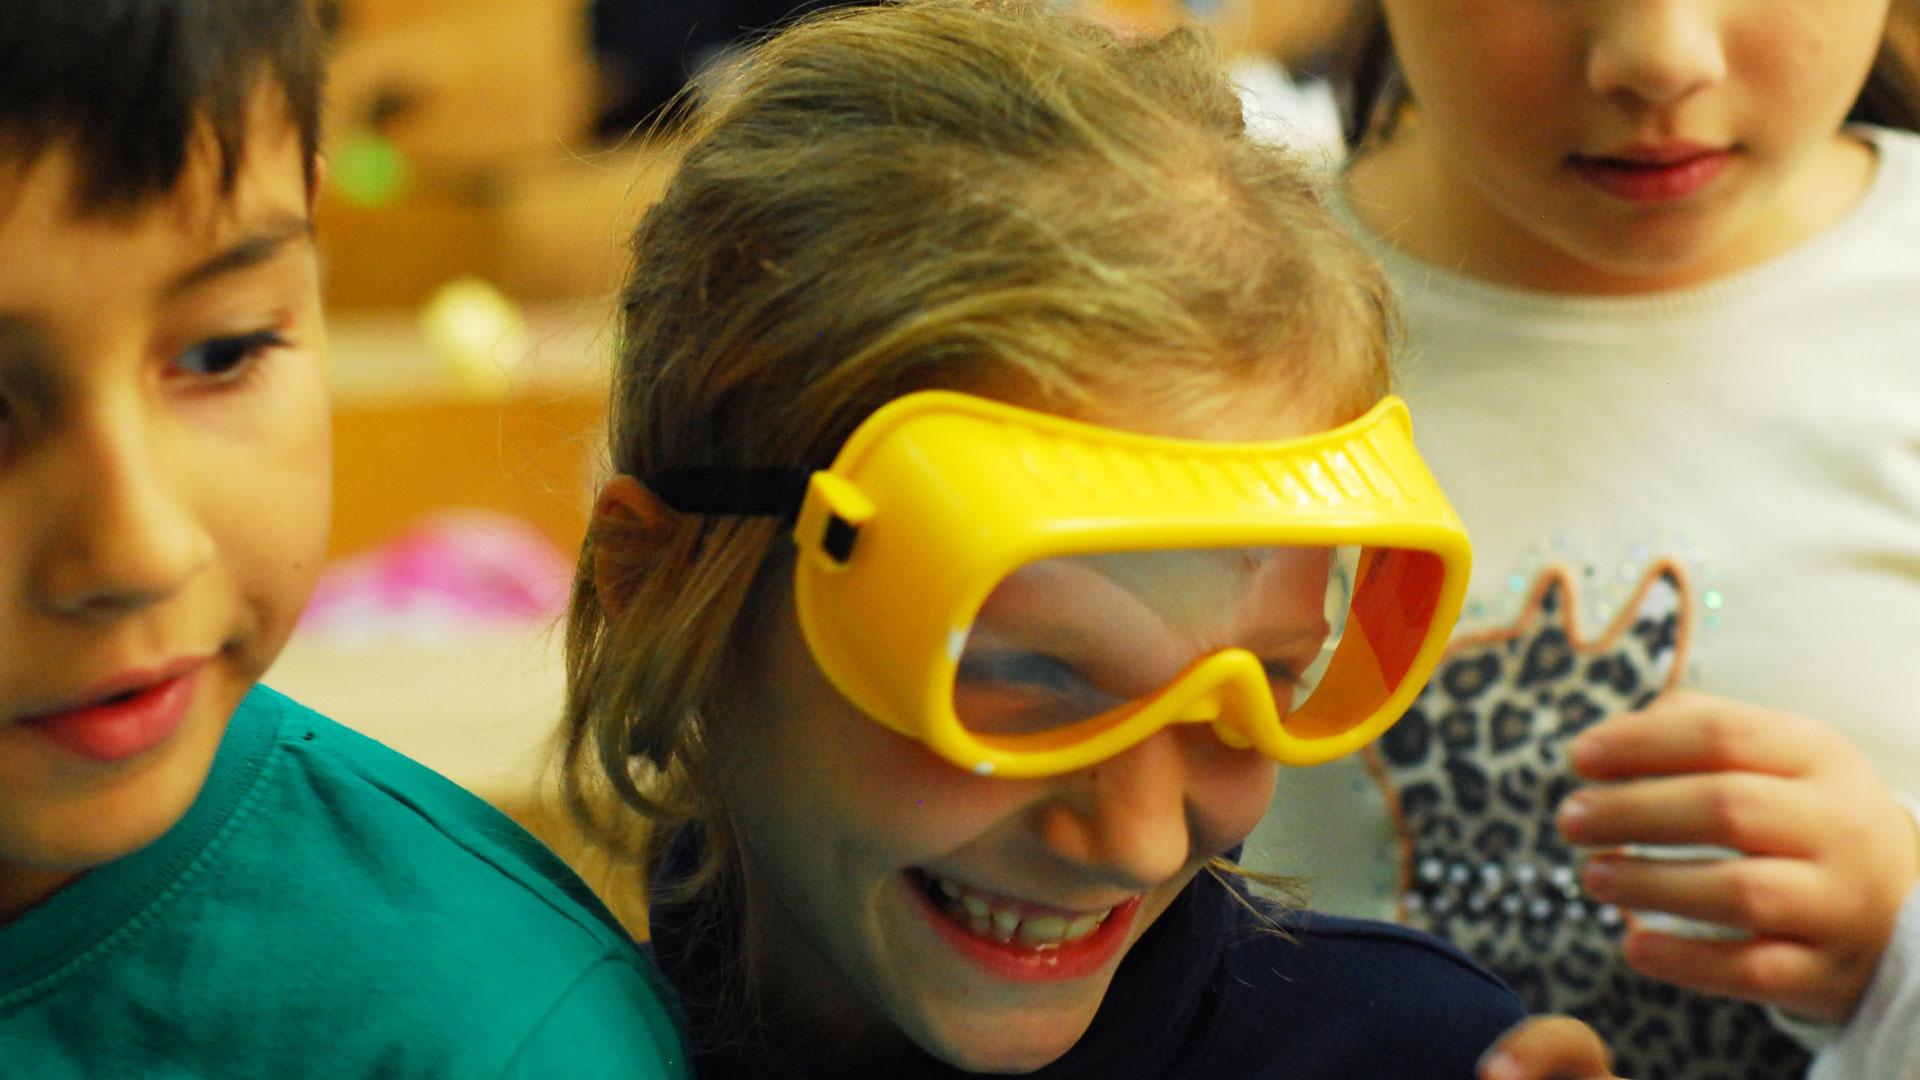 cursuri si activitati extrascolare pentru copii medii defavorizate ong asociatie eematico